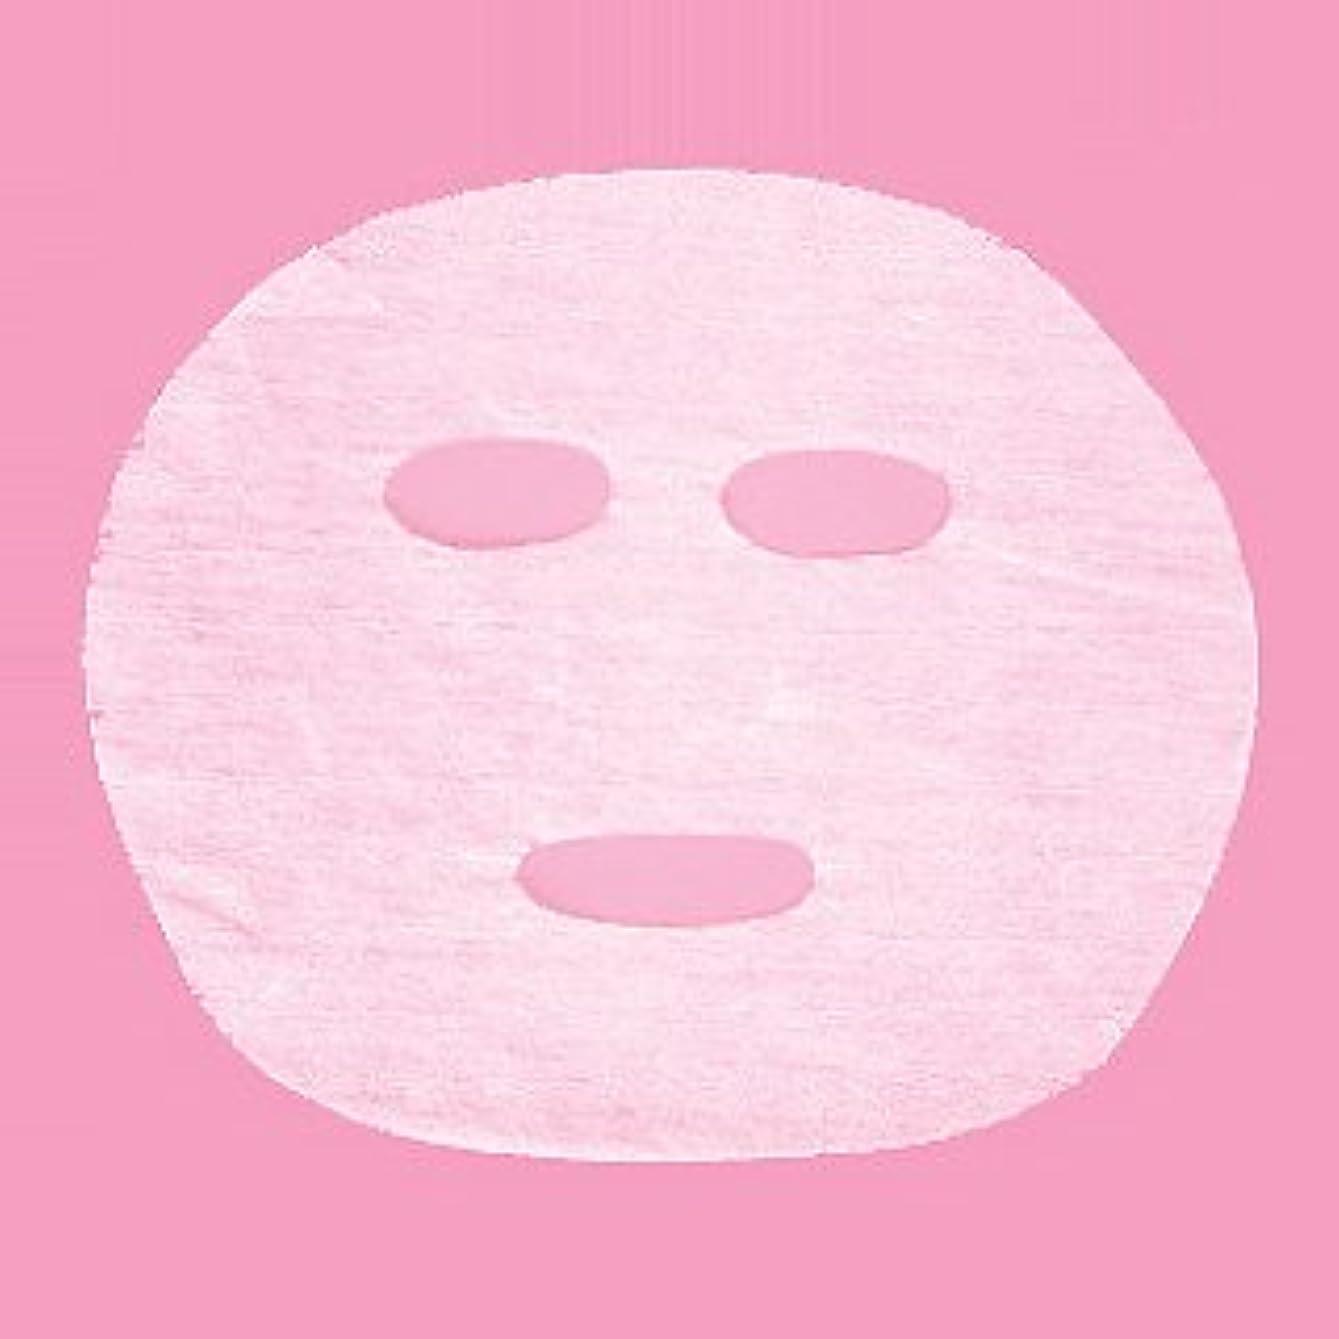 感嘆符タイプライターショルダーフェイシャルシート (やや厚手タイプ) 20枚入 23.5×19cm [ フェイスマスク フェイスシート フェイスパック フェイシャルマスク フェイシャルパック ローションマスク ローションパック フェイス パック マスク ]